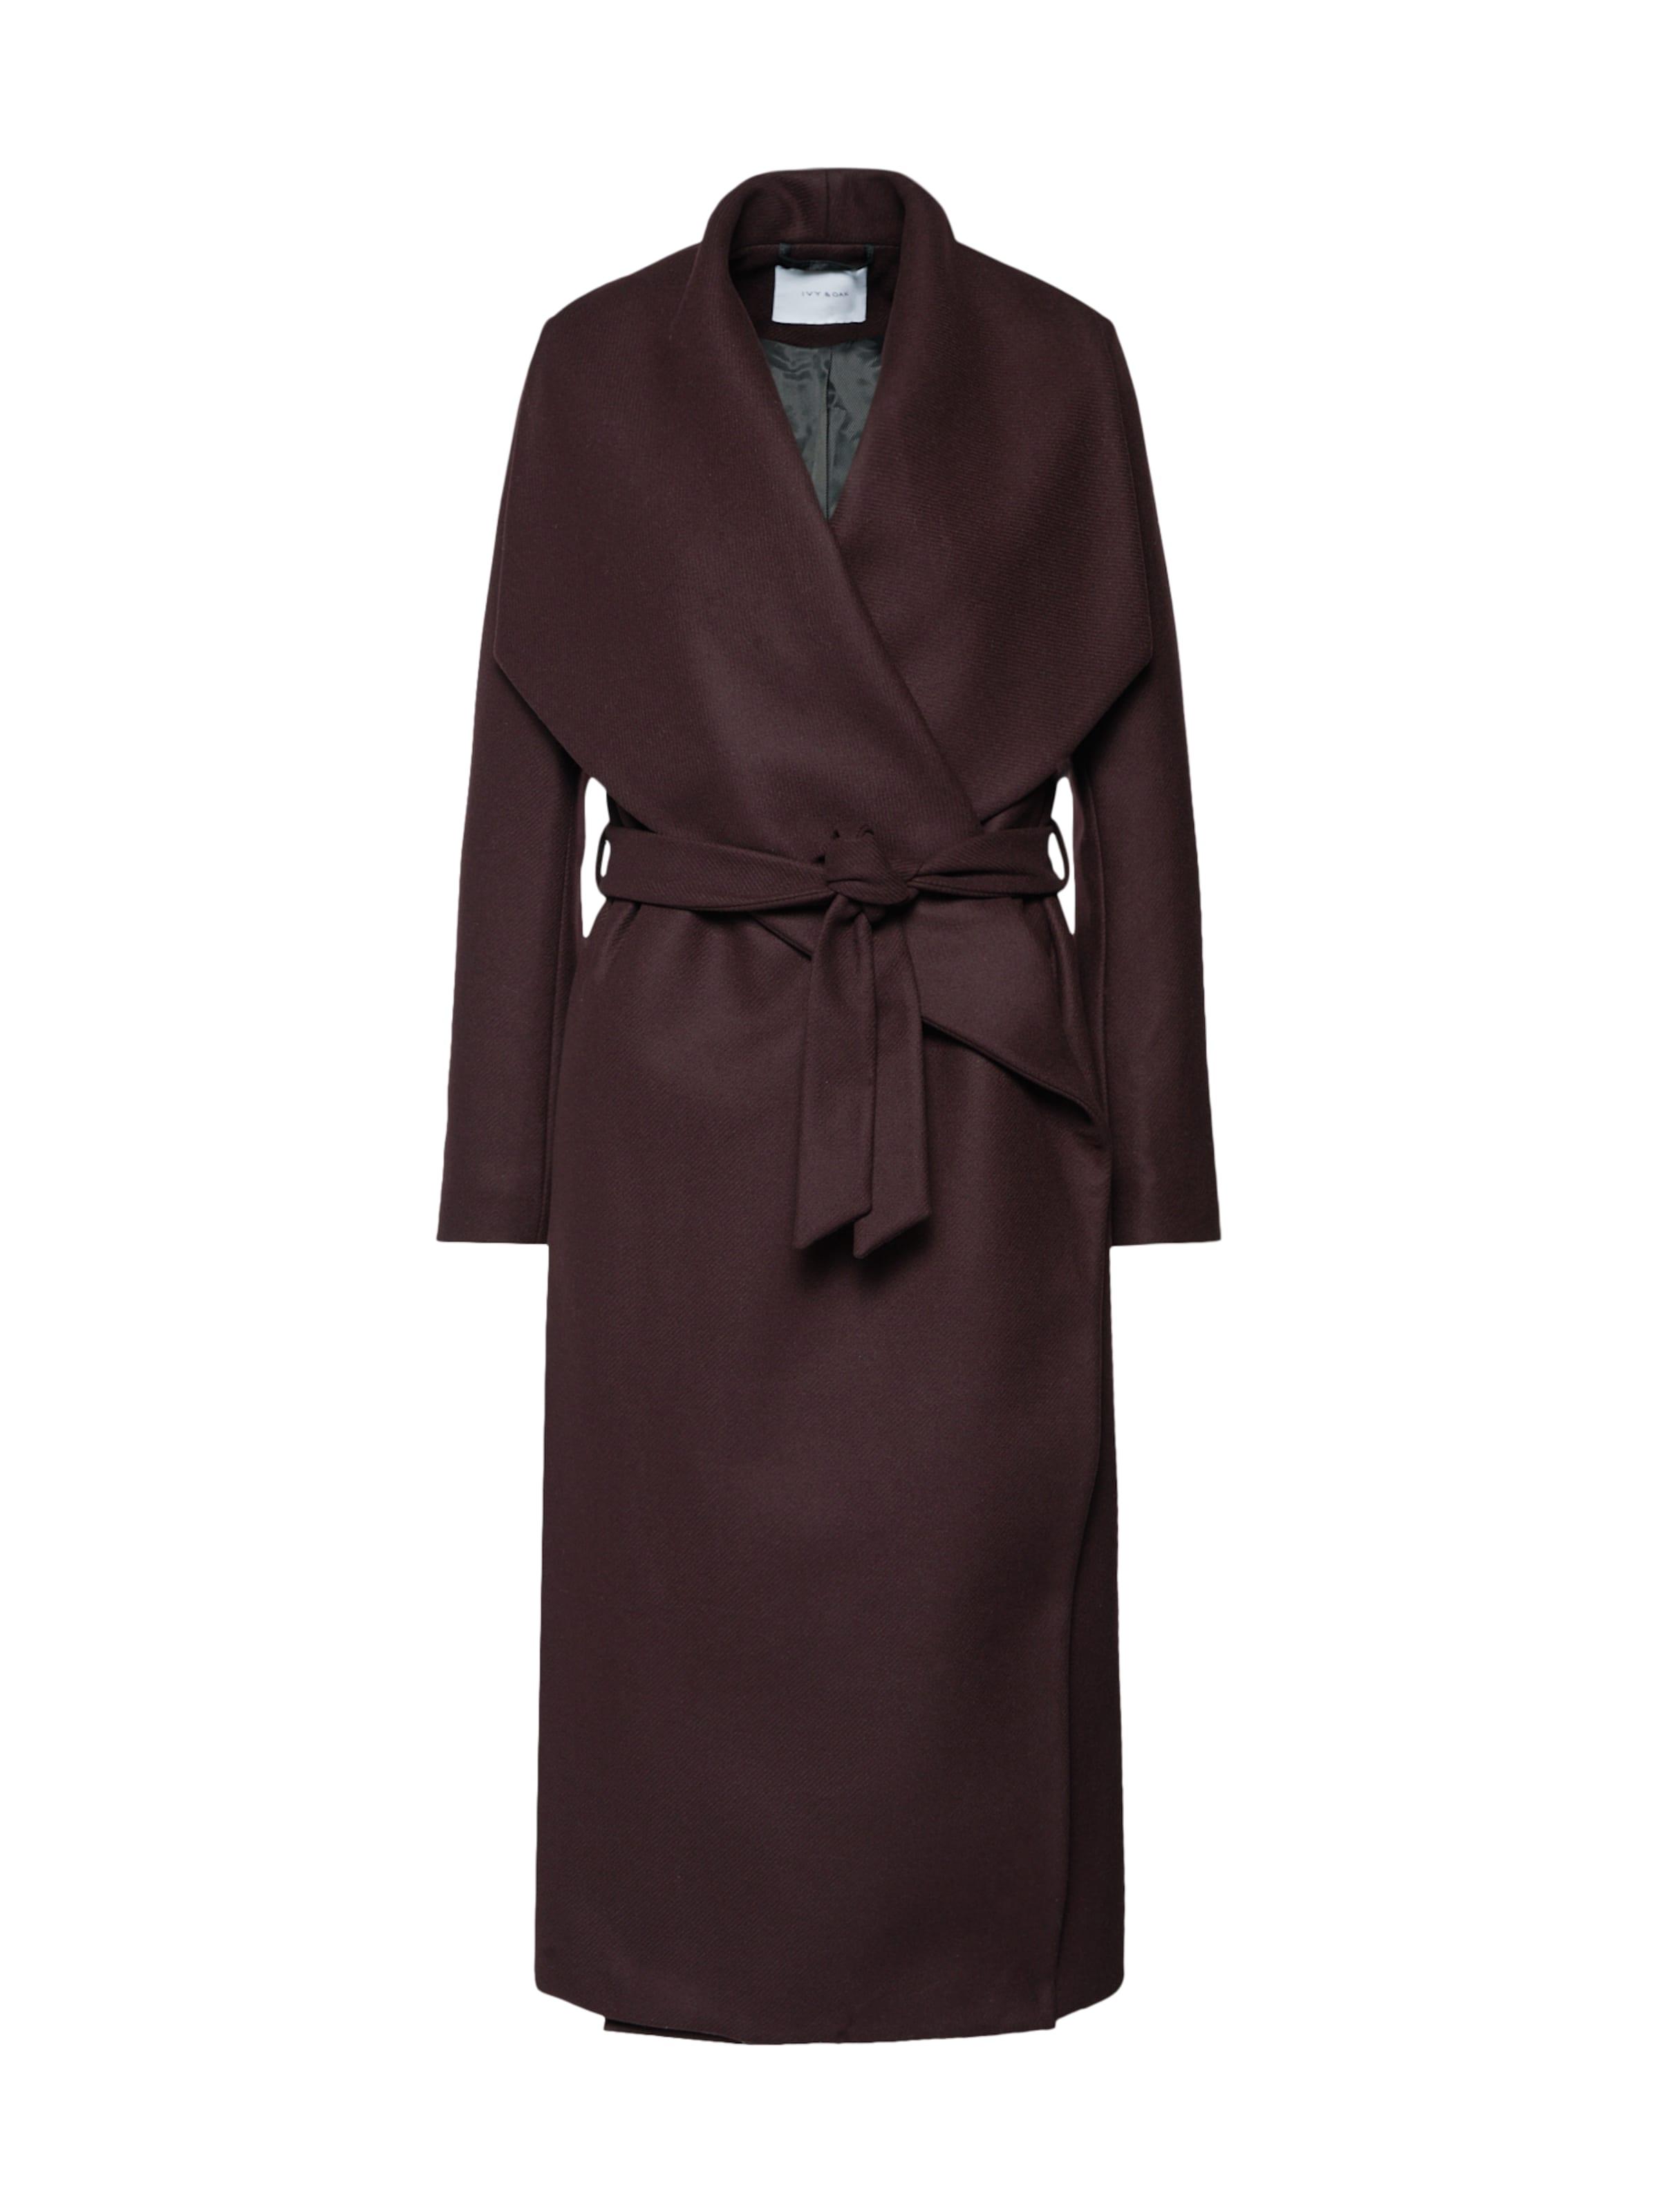 Coat' saison In 'bathrobe Mi Ivyamp; Aubergine OakManteau XiOPwkZTu